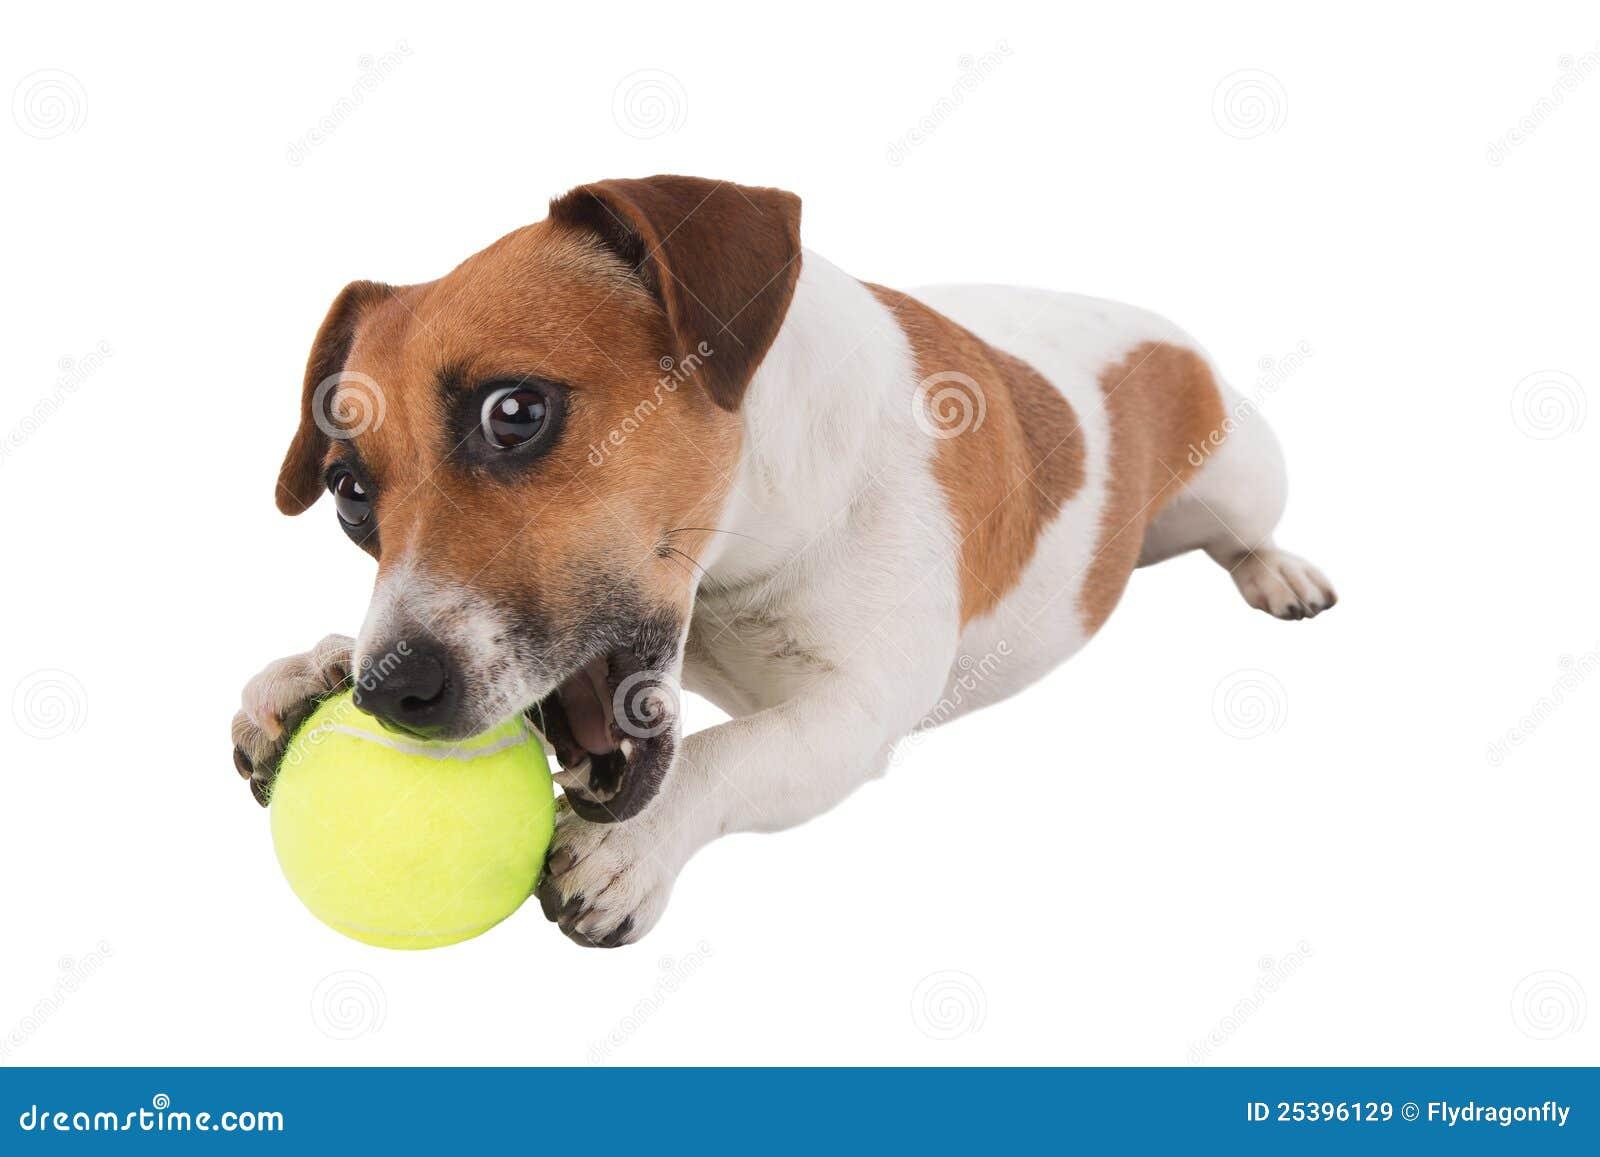 球小狗网球 免版税库存图片图片